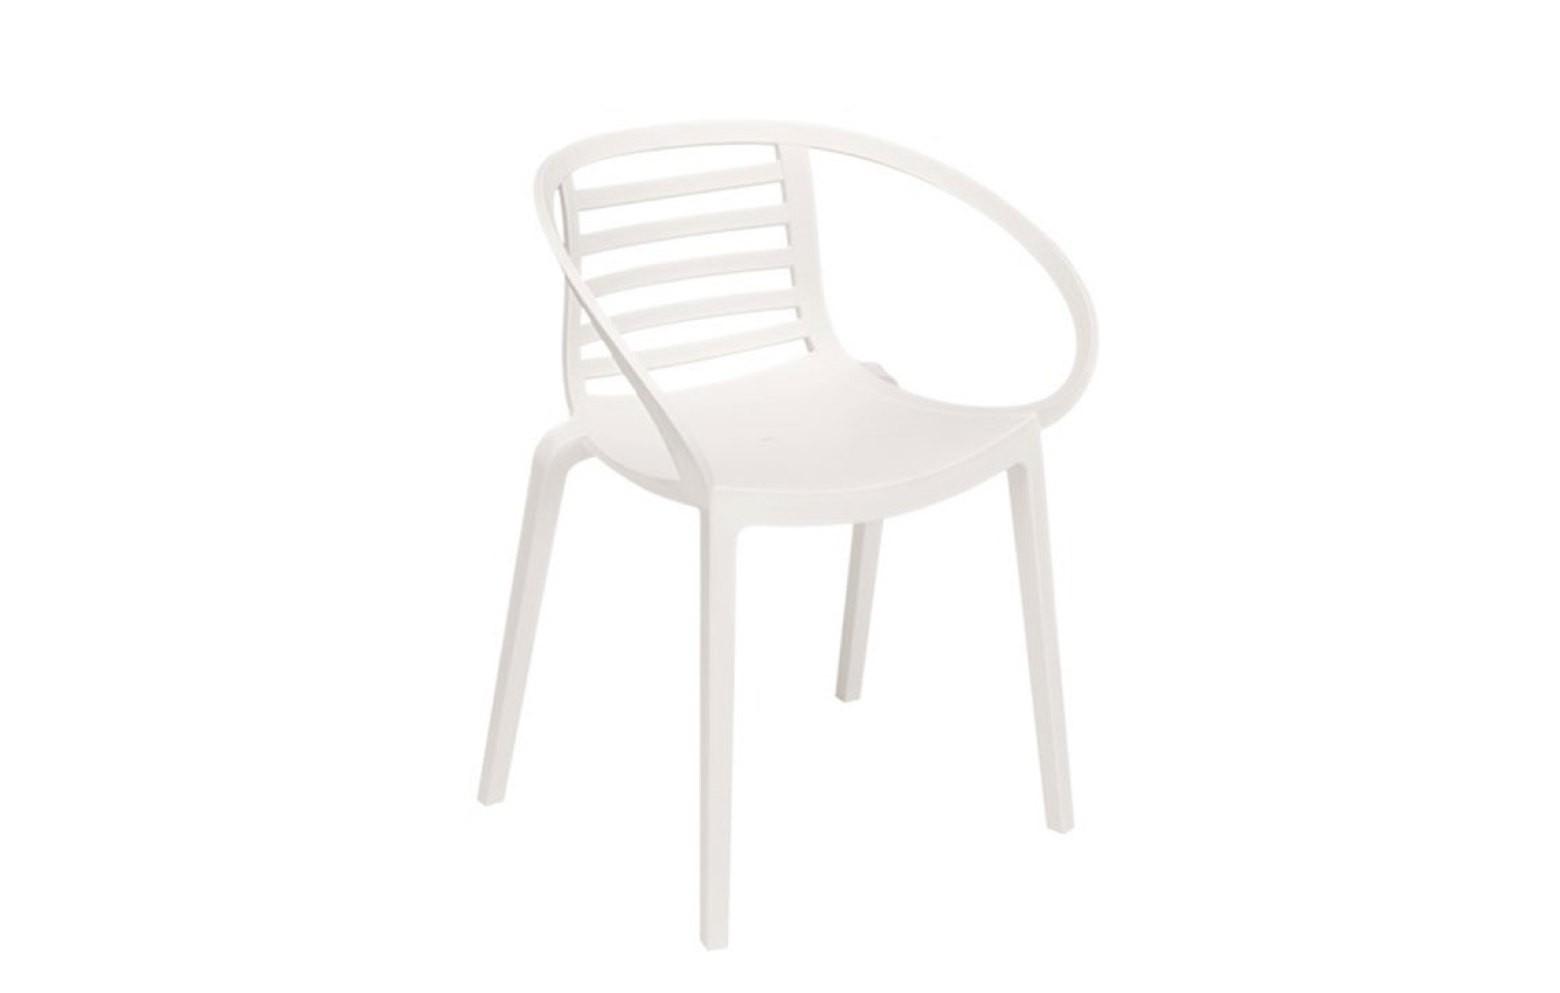 bowl 2er set gartenm bel online outlet who 39 s perfect. Black Bedroom Furniture Sets. Home Design Ideas